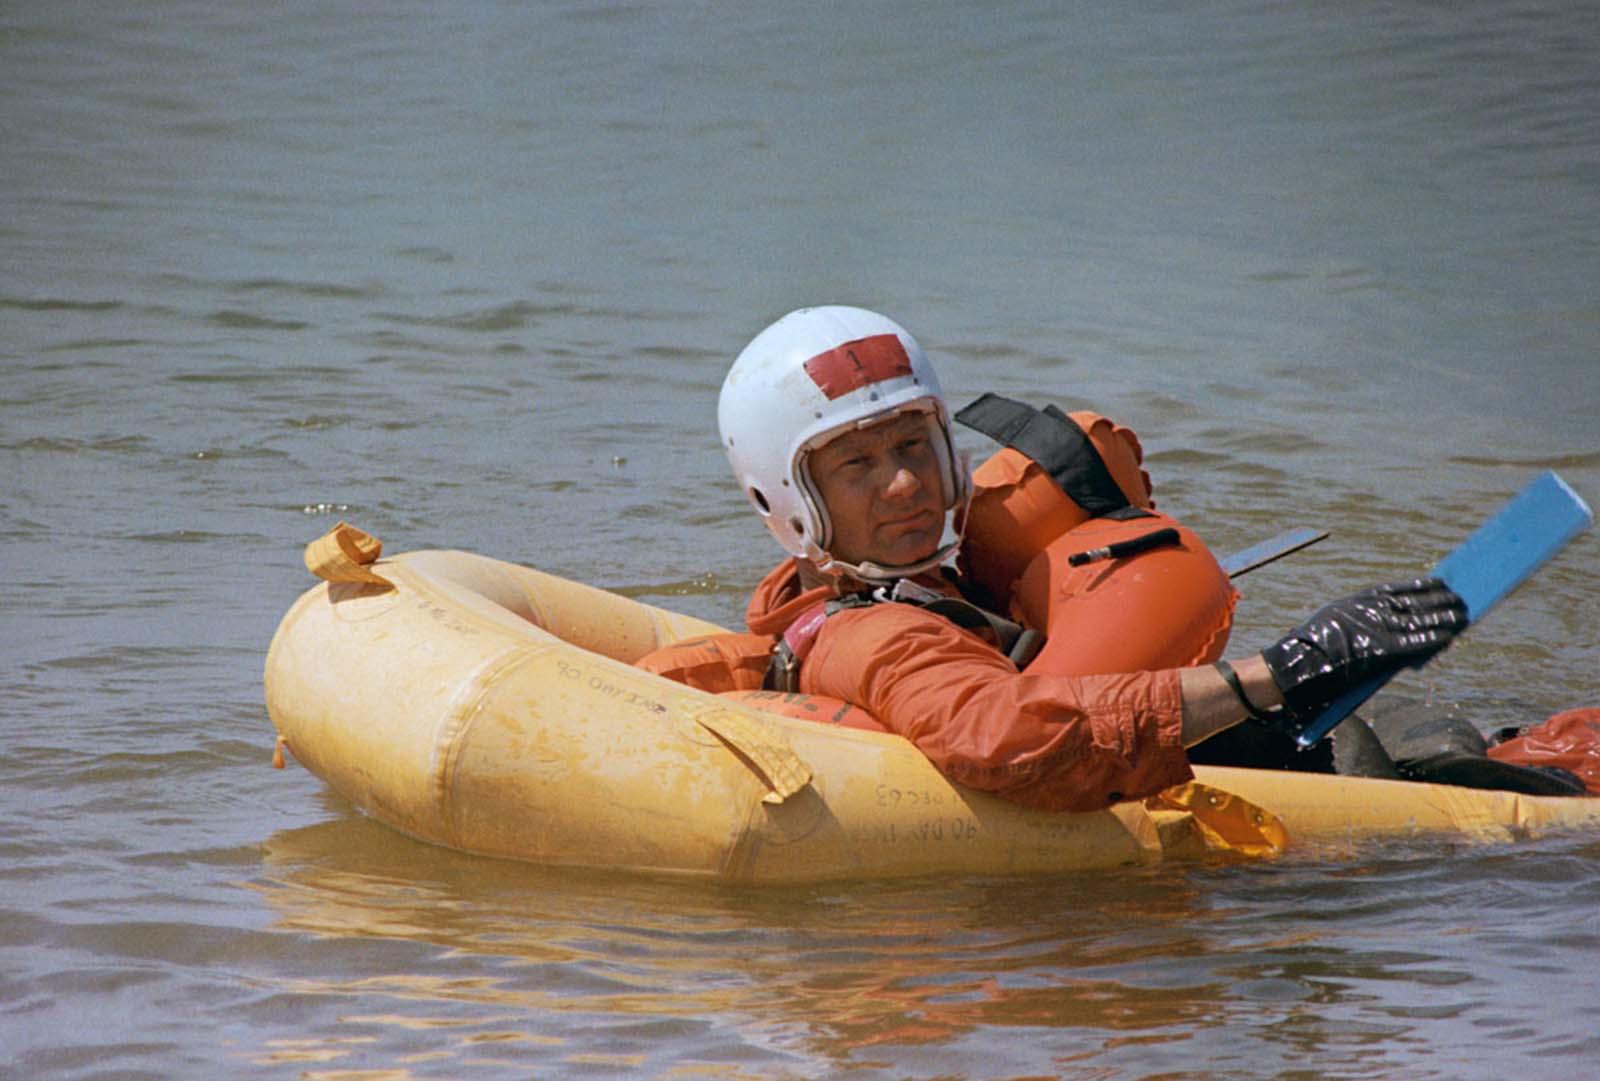 O astronauta Buzz Aldrin rema à costa do Lago Texoma durante o treinamento na Escola de Apoio à Vida do Comando de Defesa Aérea da Força Aérea dos EUA na Base Aérea de Perrin em Sherman, Texas. Ele senta em um bote salva-vidas de um homem só. Ele foi jogado na água depois de fazer uma subida de parasail a cerca de 400 pés acima do lago.